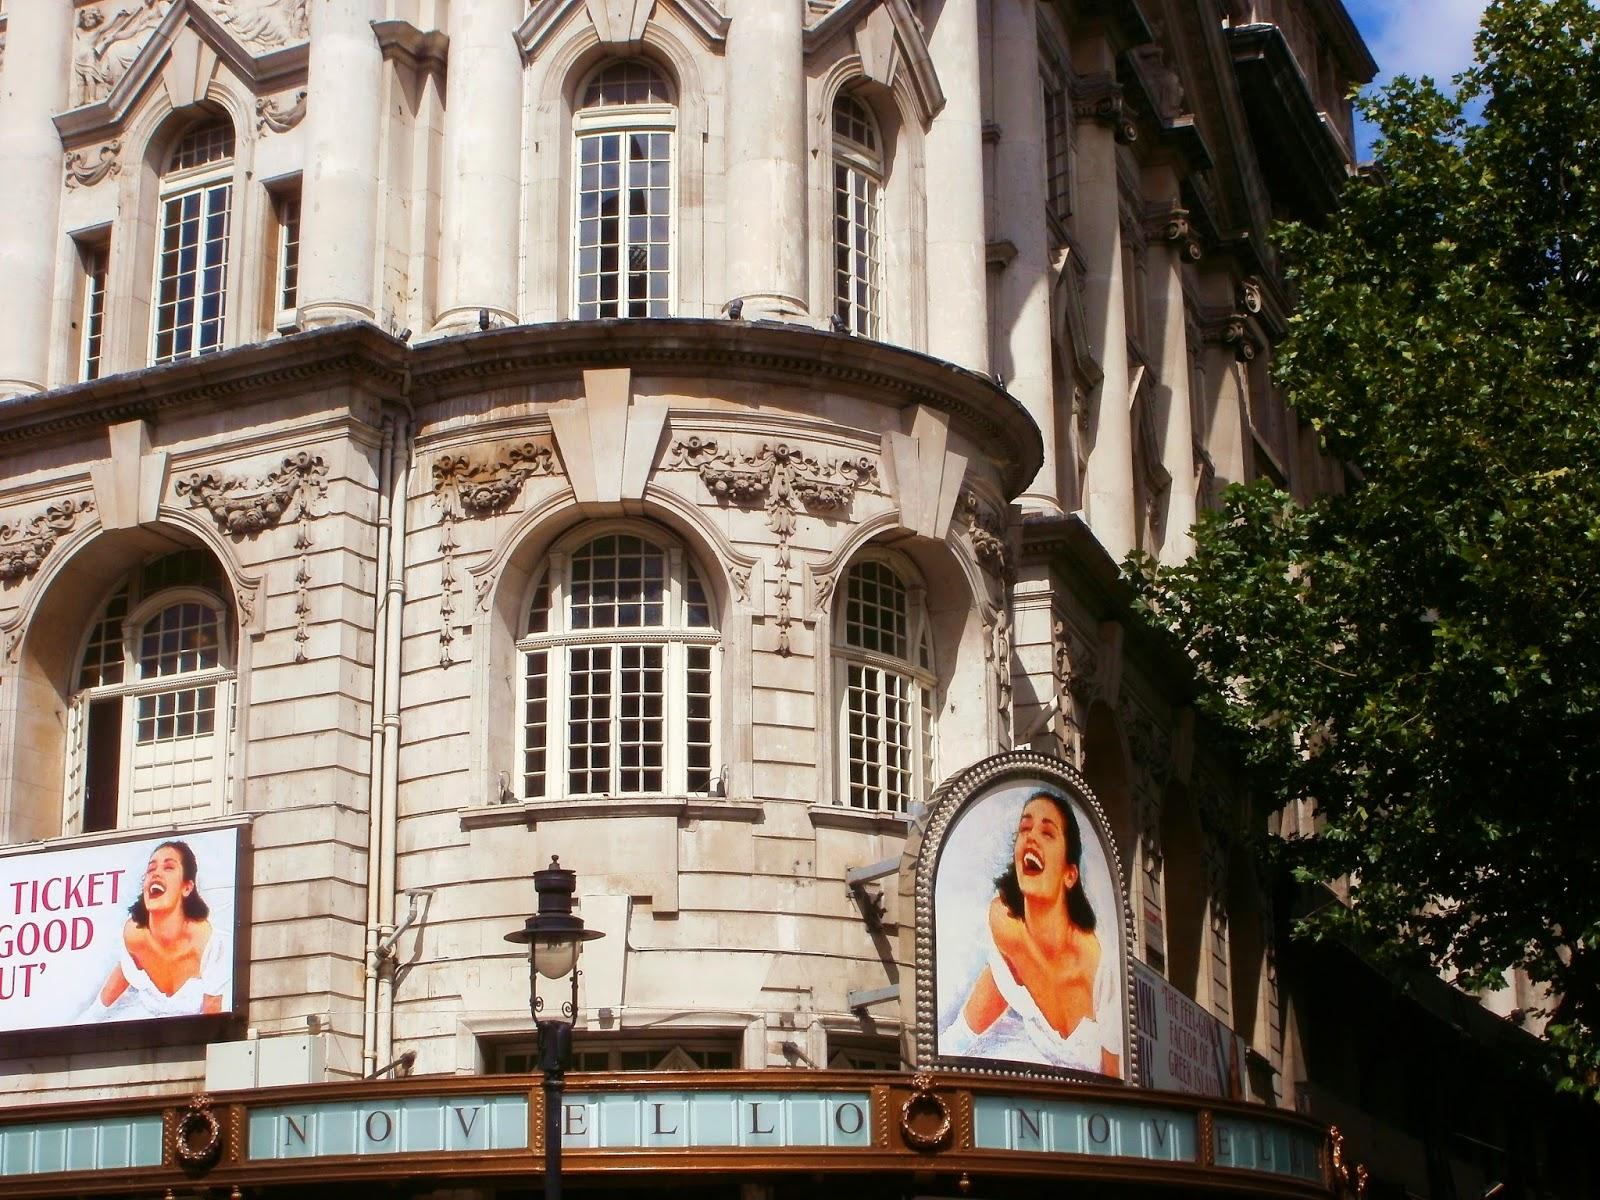 Mamma Mia Musical Novello Theatre